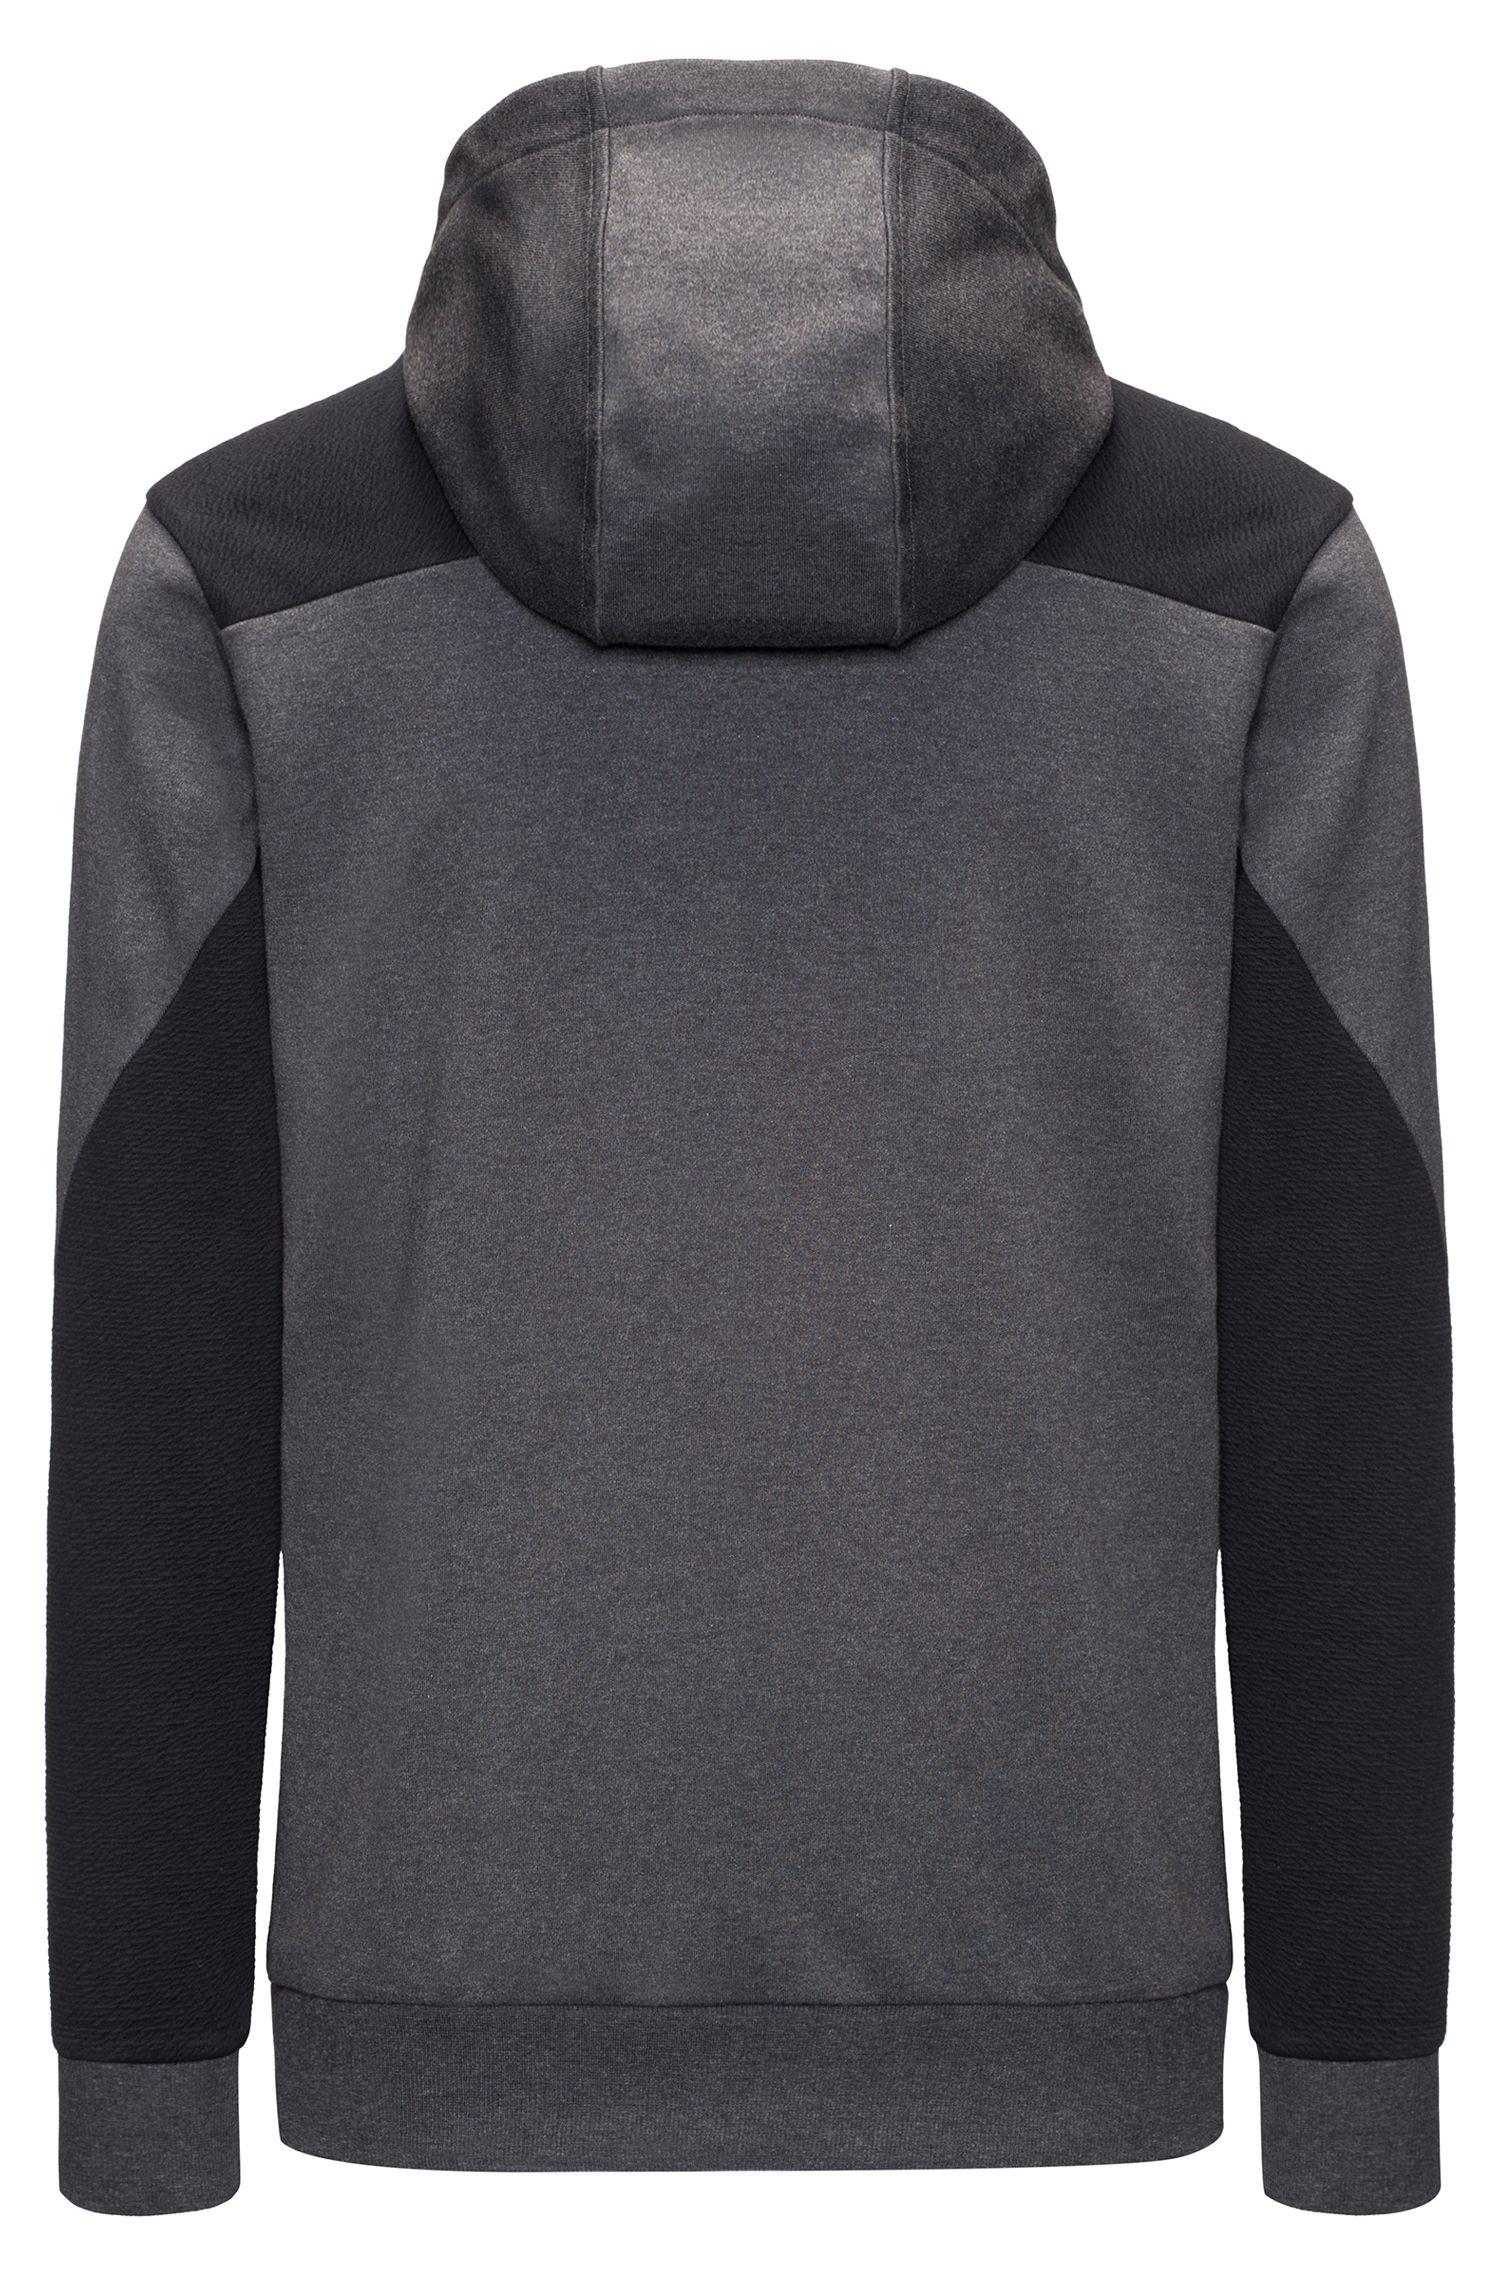 Two-Tone Jersey Cotton Hoodie | Dason